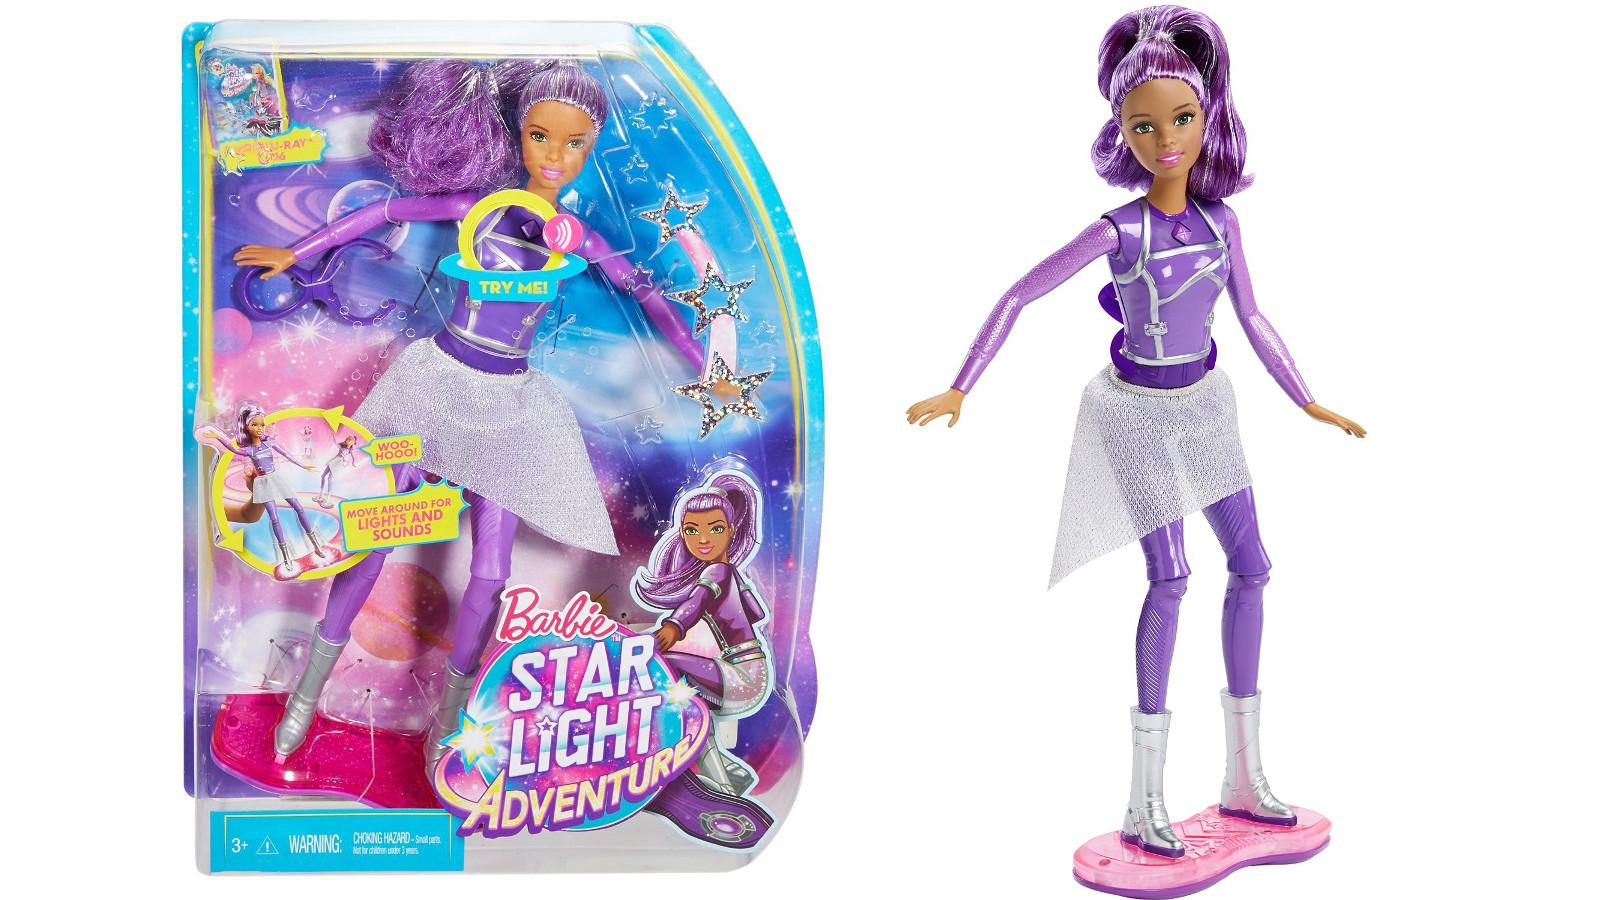 Zabawki z nowego filmu o przygodach Barbie – Gwiezdna Surferka